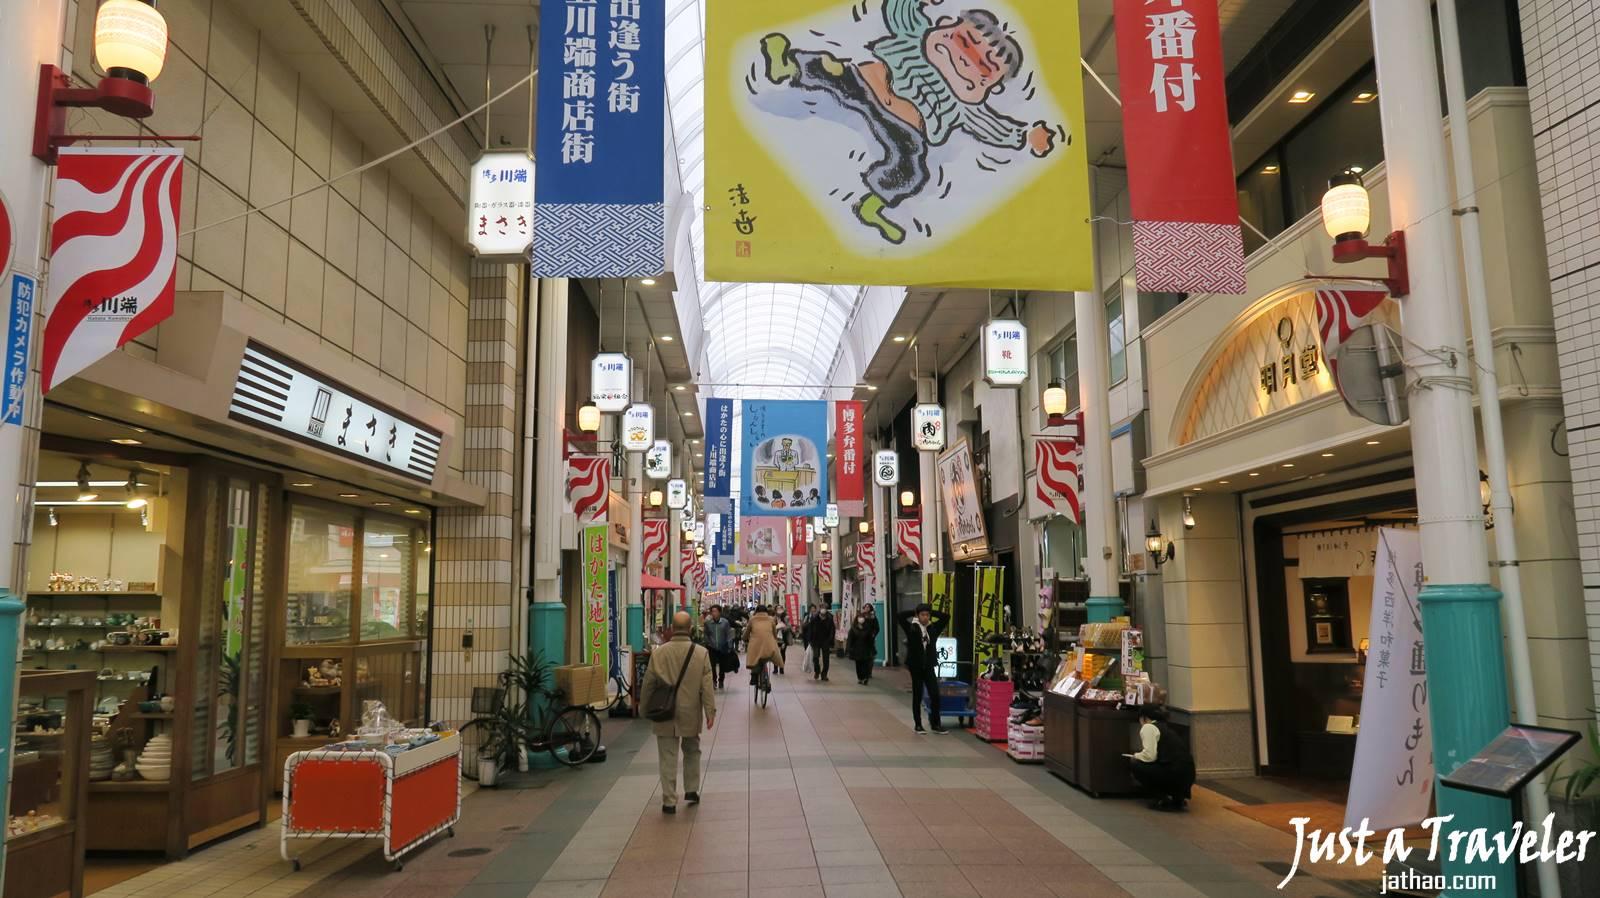 福岡-景點-推薦-川端商店街-福岡好玩景點-福岡必玩景點-福岡必去景點-福岡自由行景點-攻略-市區-郊區-福岡觀光景點-福岡旅遊景點-福岡旅行-福岡行程-Fukuoka-Tourist-Attraction